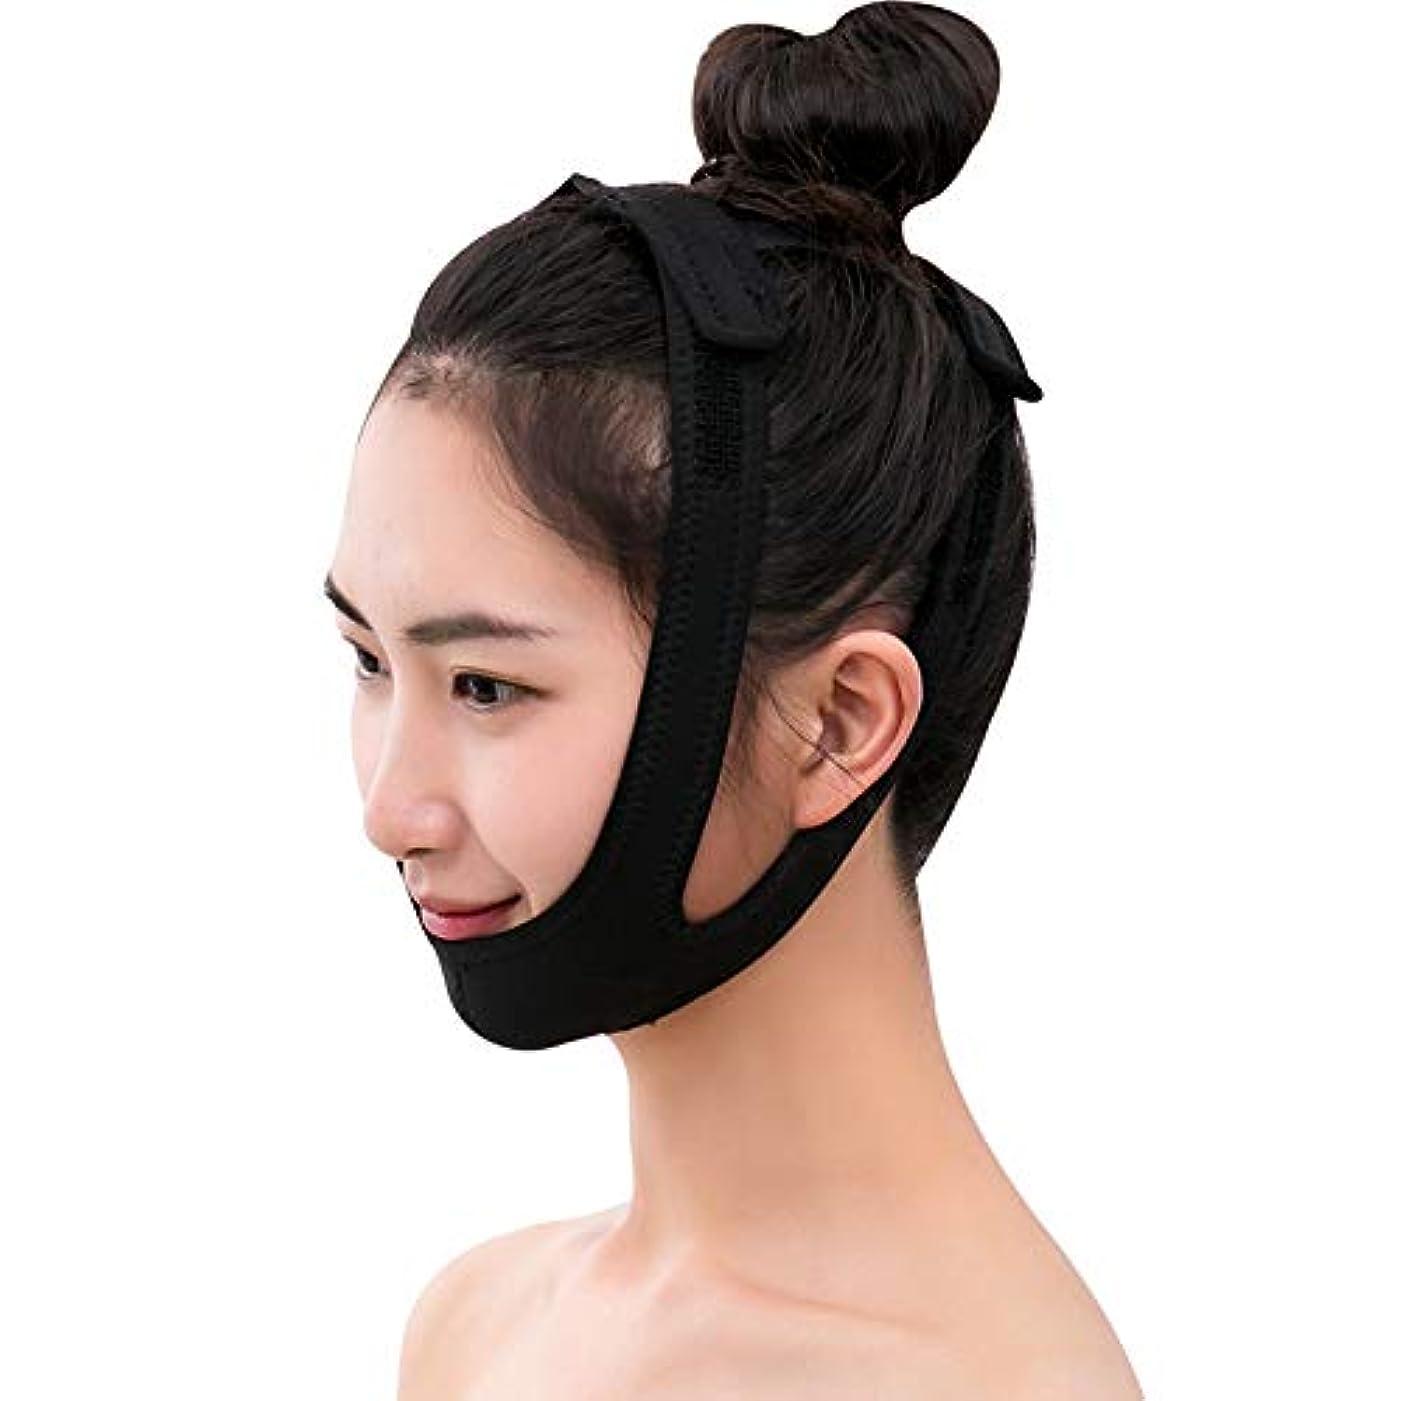 許可する身元フリンジ薄いフェイスバンド - 薄い顔の包帯ビューティーインストゥルメントフェイシャルリフト睡眠マスク法Vフェイスマスクの通気性を作る 美しさ